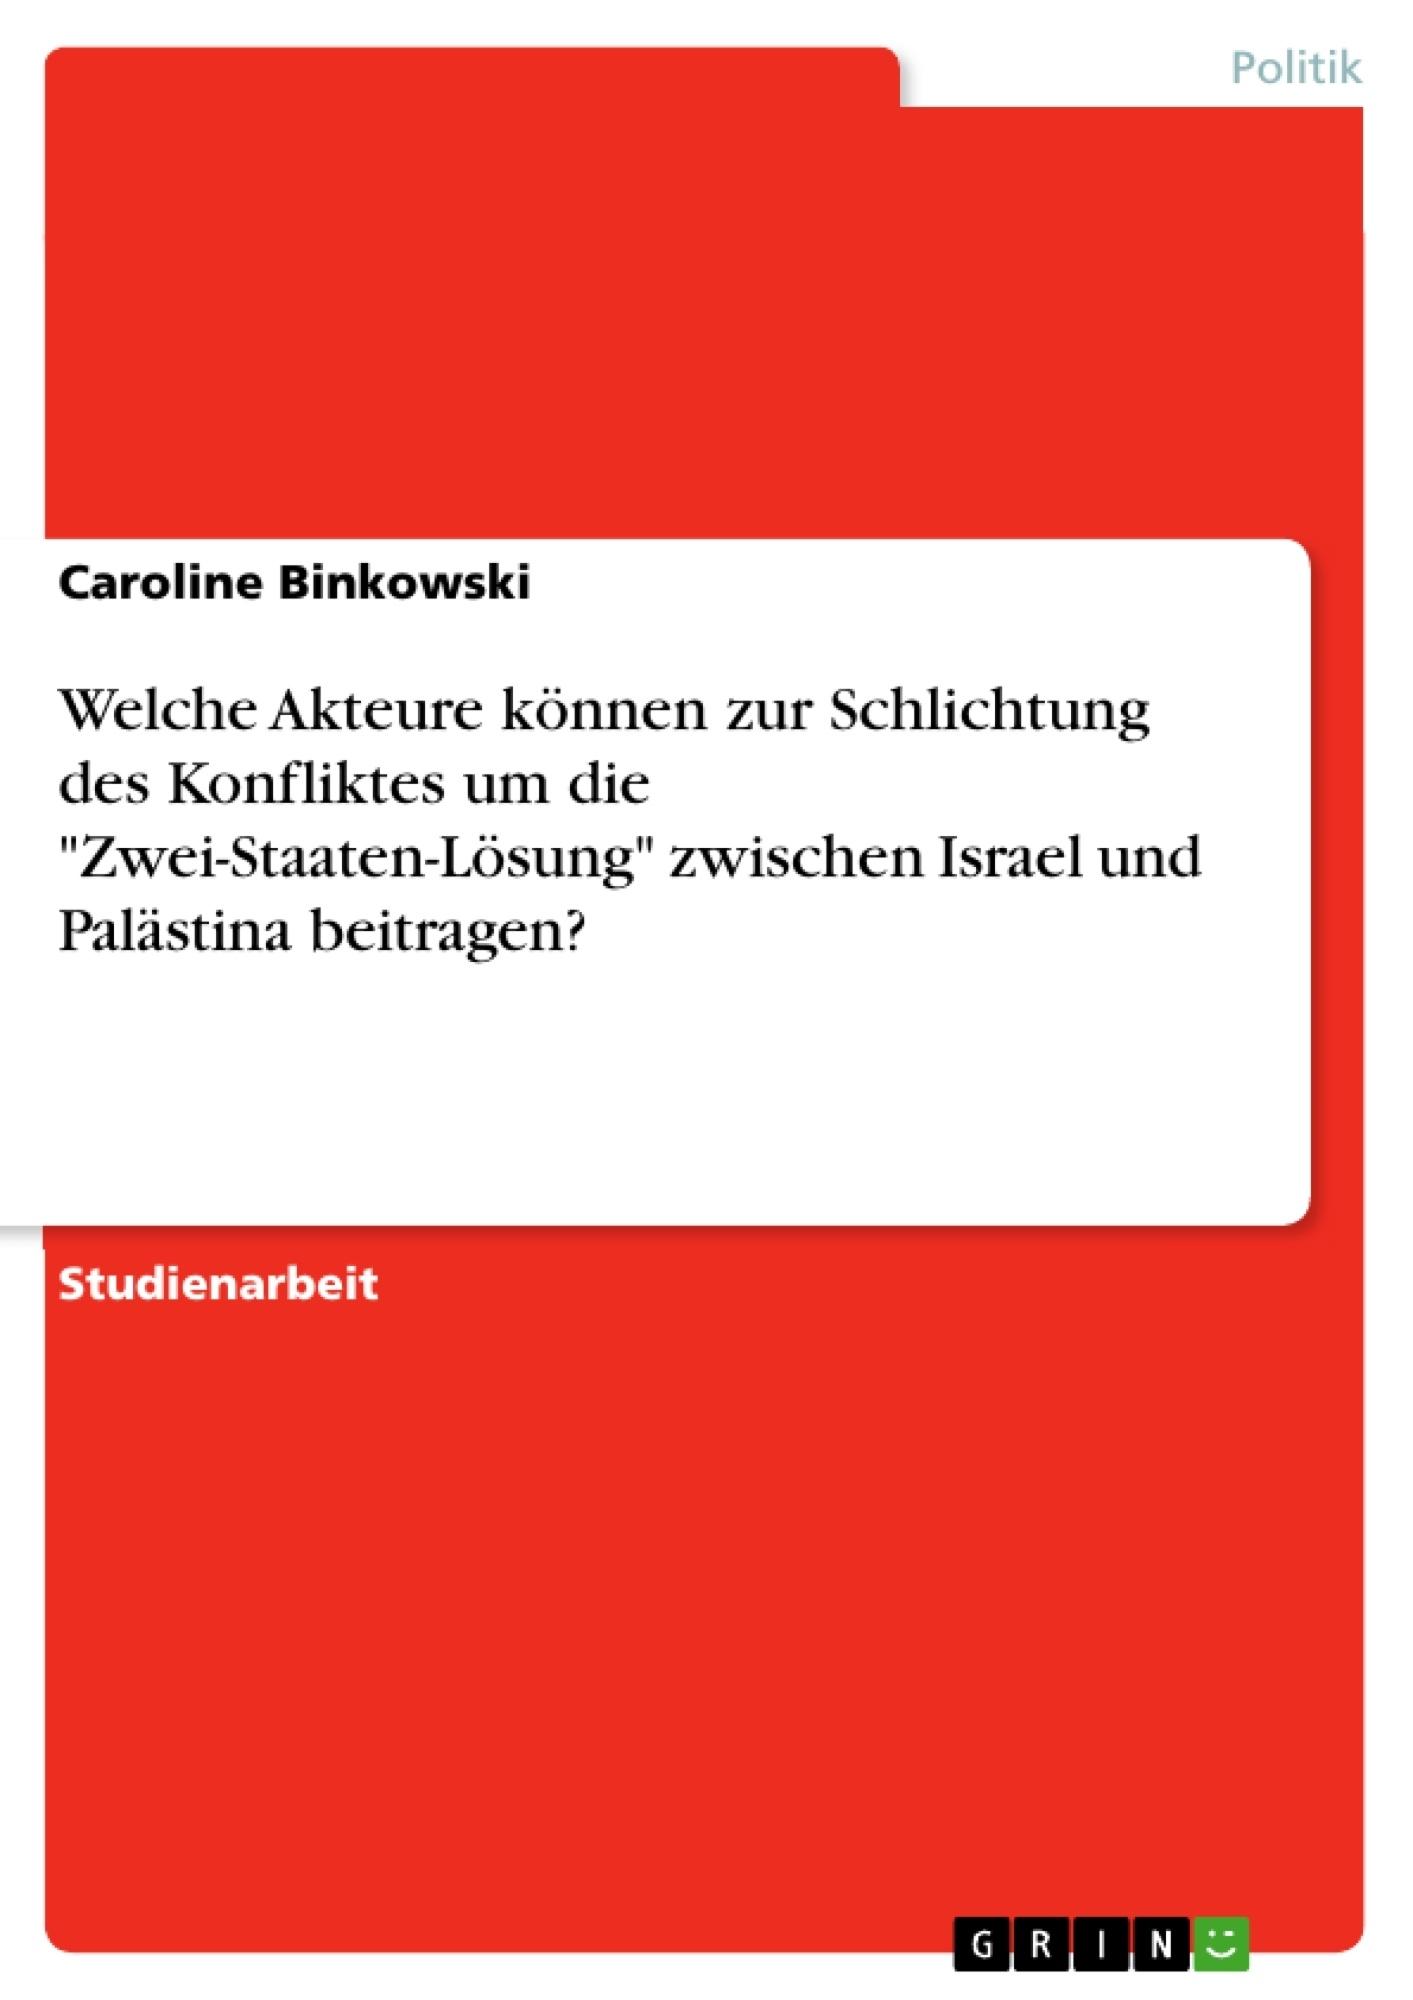 """Titel: Welche Akteure können zur Schlichtung des Konfliktes um die """"Zwei-Staaten-Lösung"""" zwischen Israel und Palästina beitragen?"""